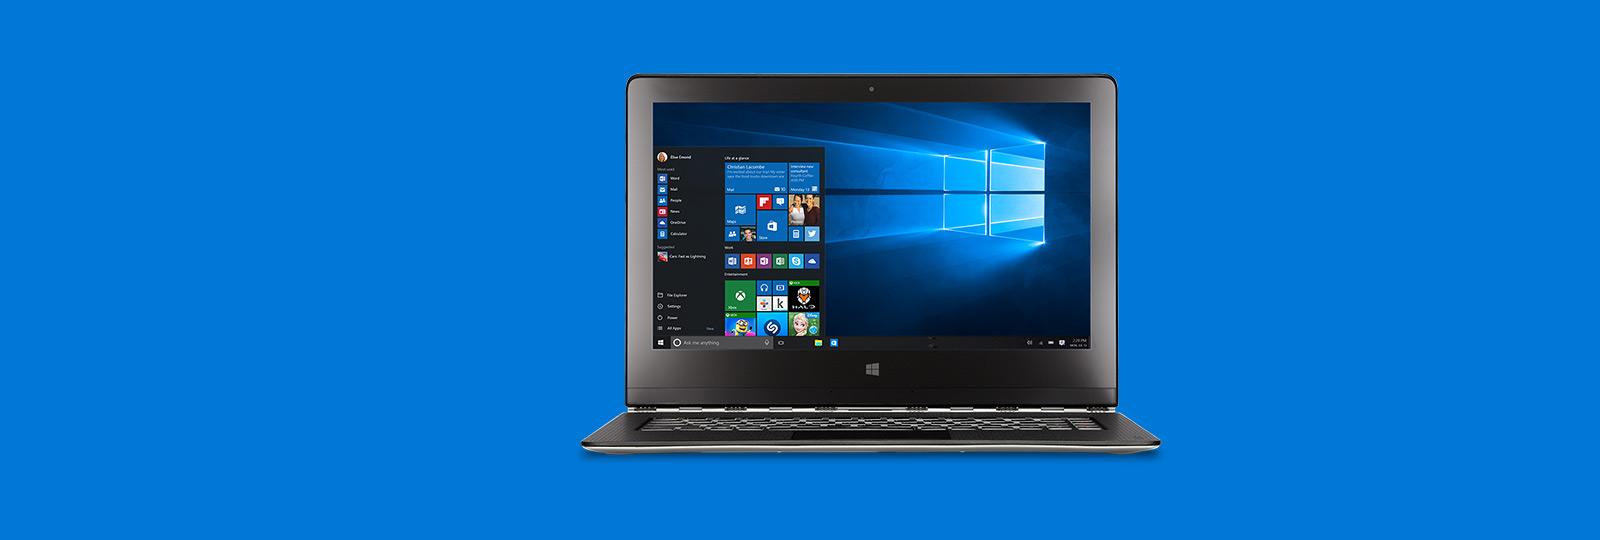 Paras koskaan tehty Windows. Päivitä maksutta.*